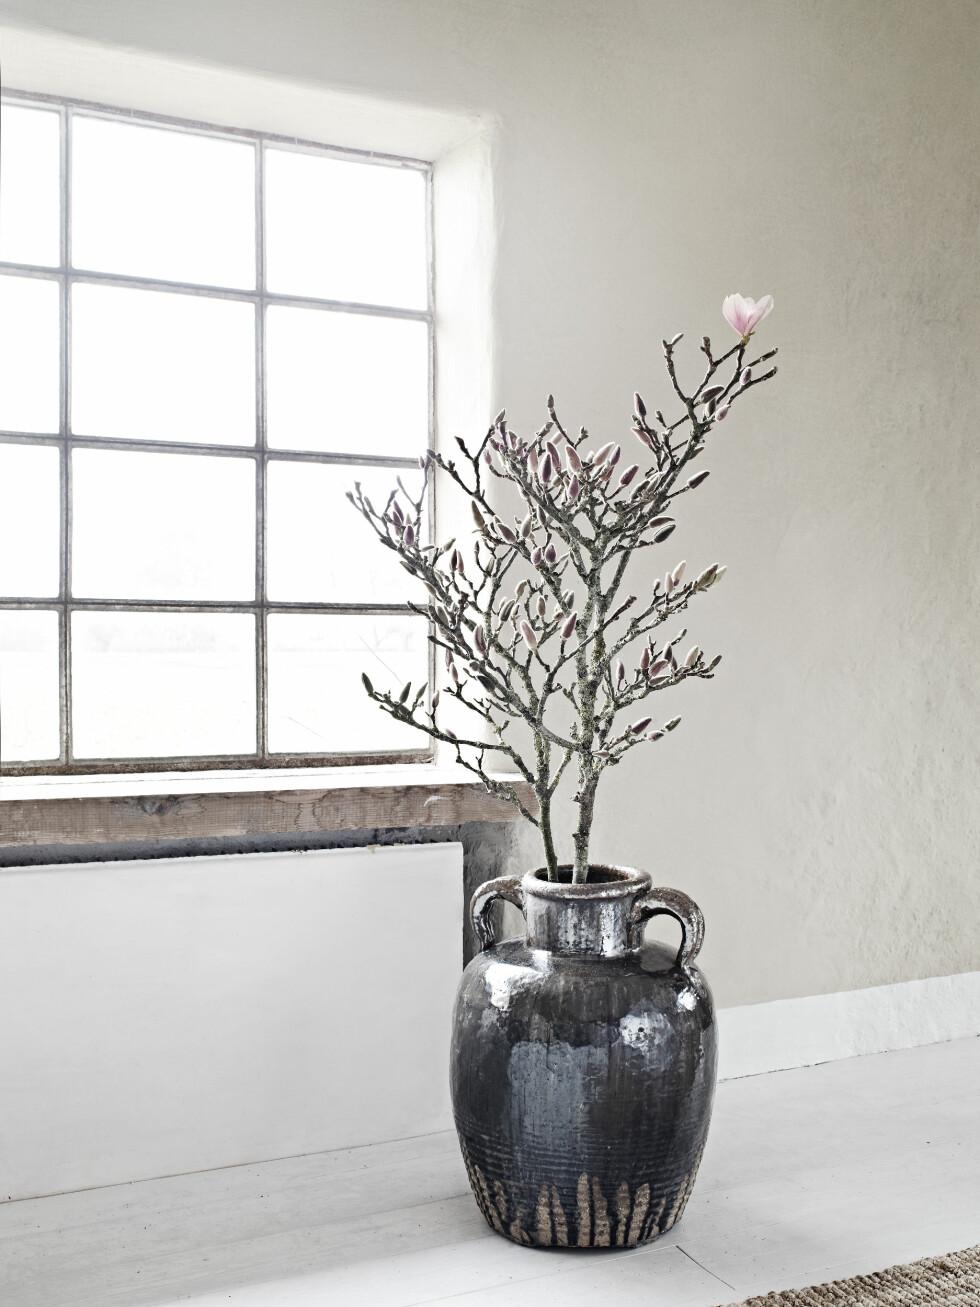 EKSOTISK SKJØNNHET: Drømmer du om et magnoliatre, trenger det slett ikke være så vanskelig å få til som ryktet tilsier. Magnoliaen fås nå i utallige varianter, som tre eller busk, noen mer hardføre enn andre. Skal du forsøke å få dem til åvokse i potte eller urne, anbefales ofte Stjernemagnolia. Husk at det er lurt årådføre seg om stell på hagesenteret. Foto: Sara Svenningrud